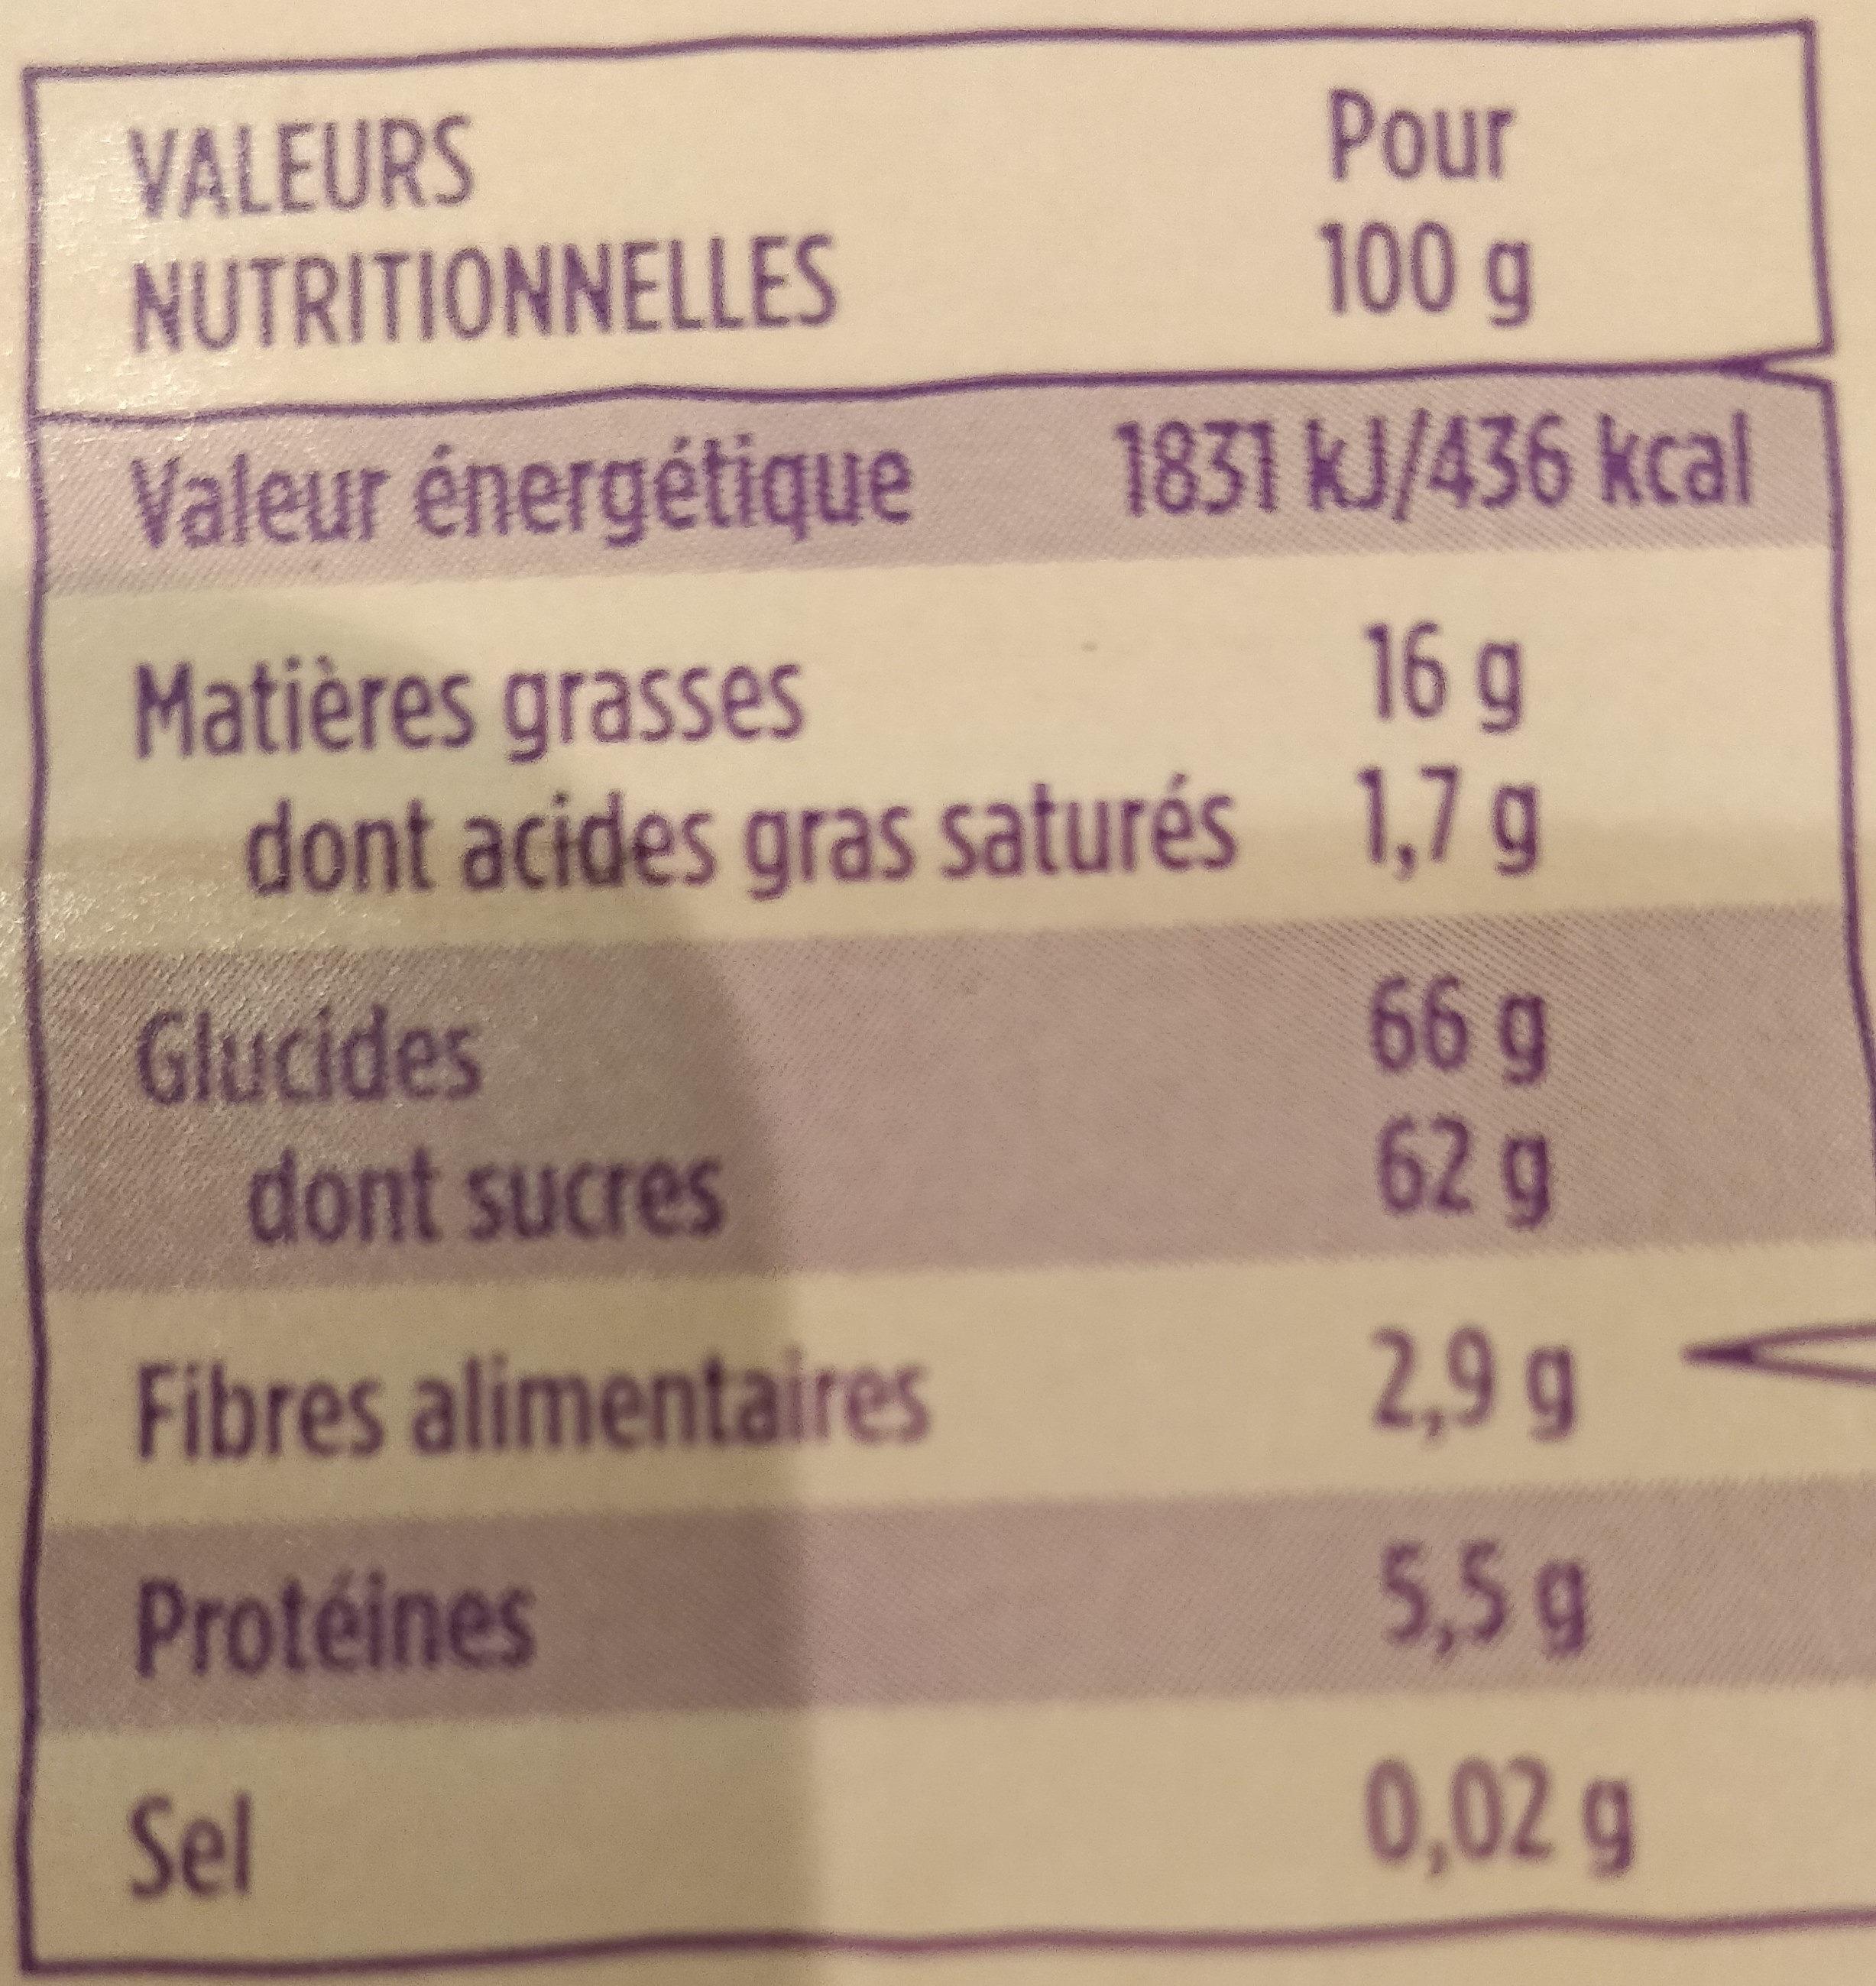 Pâte d'amande blanche - Informations nutritionnelles